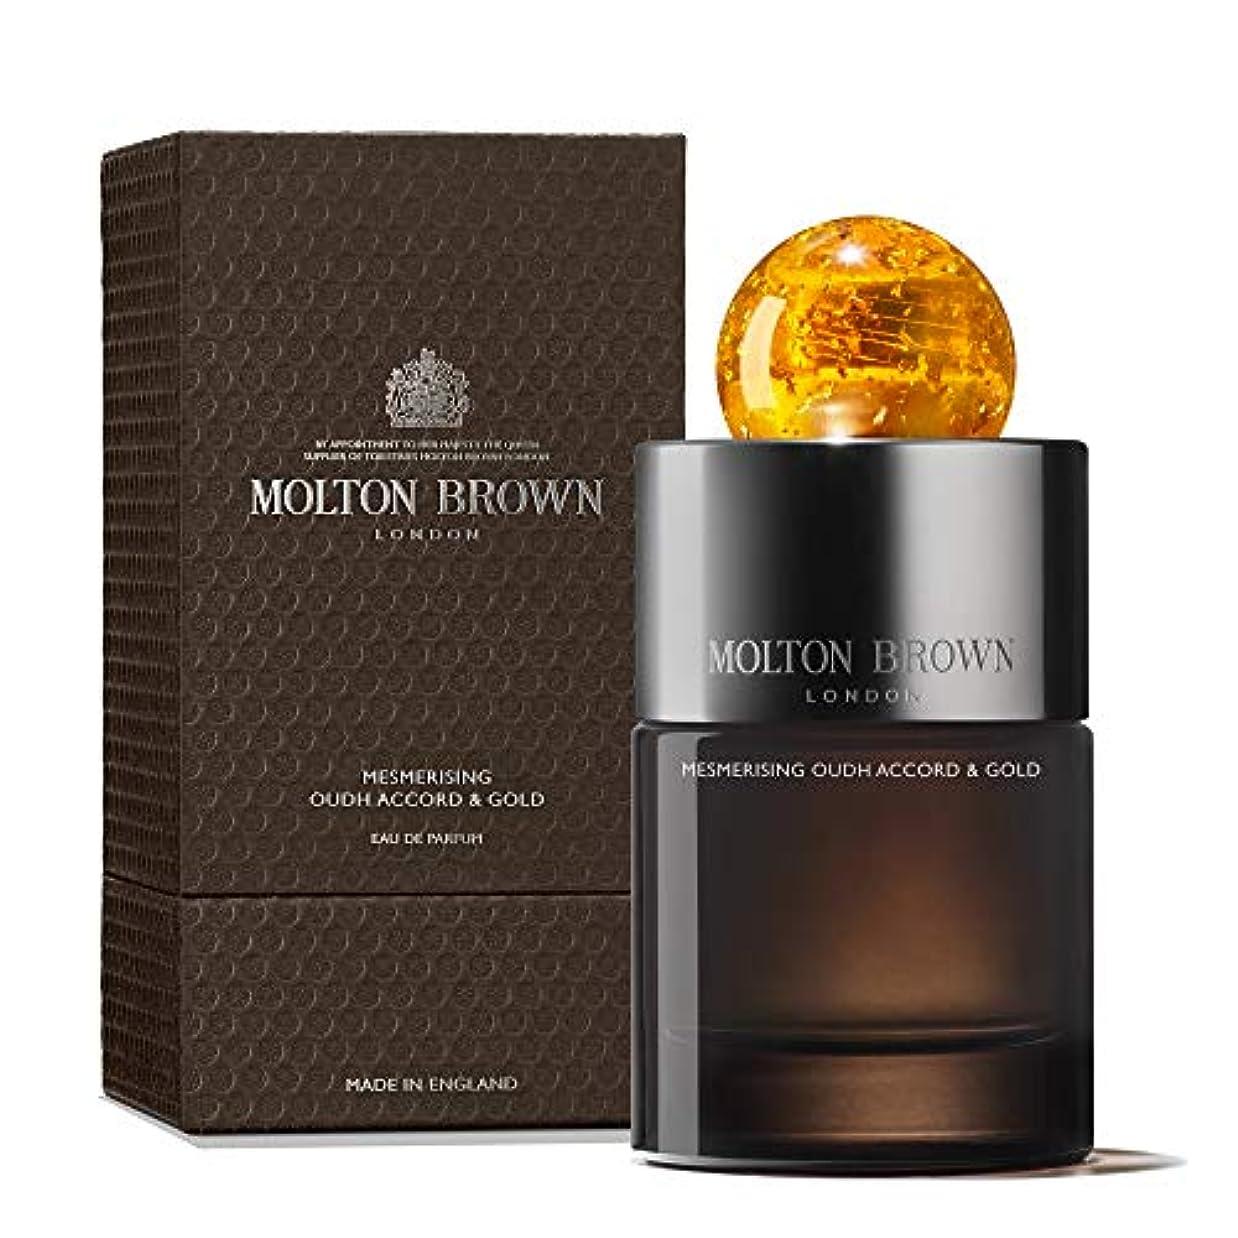 深いツーリスト通り抜けるMOLTON BROWN(モルトンブラウン) ウード?アコード&ゴールド コレクション OA&G オードパルファン